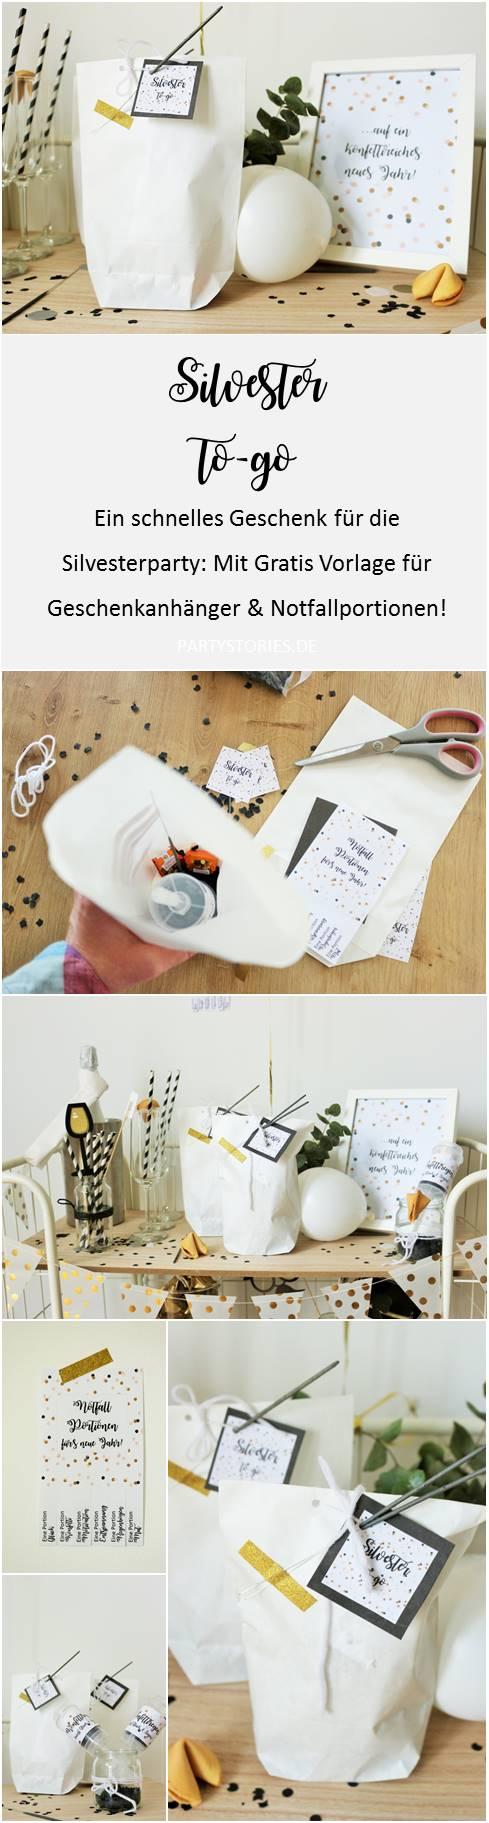 Bild: eine schnelle DIY Geschenk Idee für Silvester und die Silvesterparty, Silvester to-go - mit Glückskeksen, Wunderkerzen, Konfetti und Mitternachtsküsschen, gefunden auf www.Partystories.de